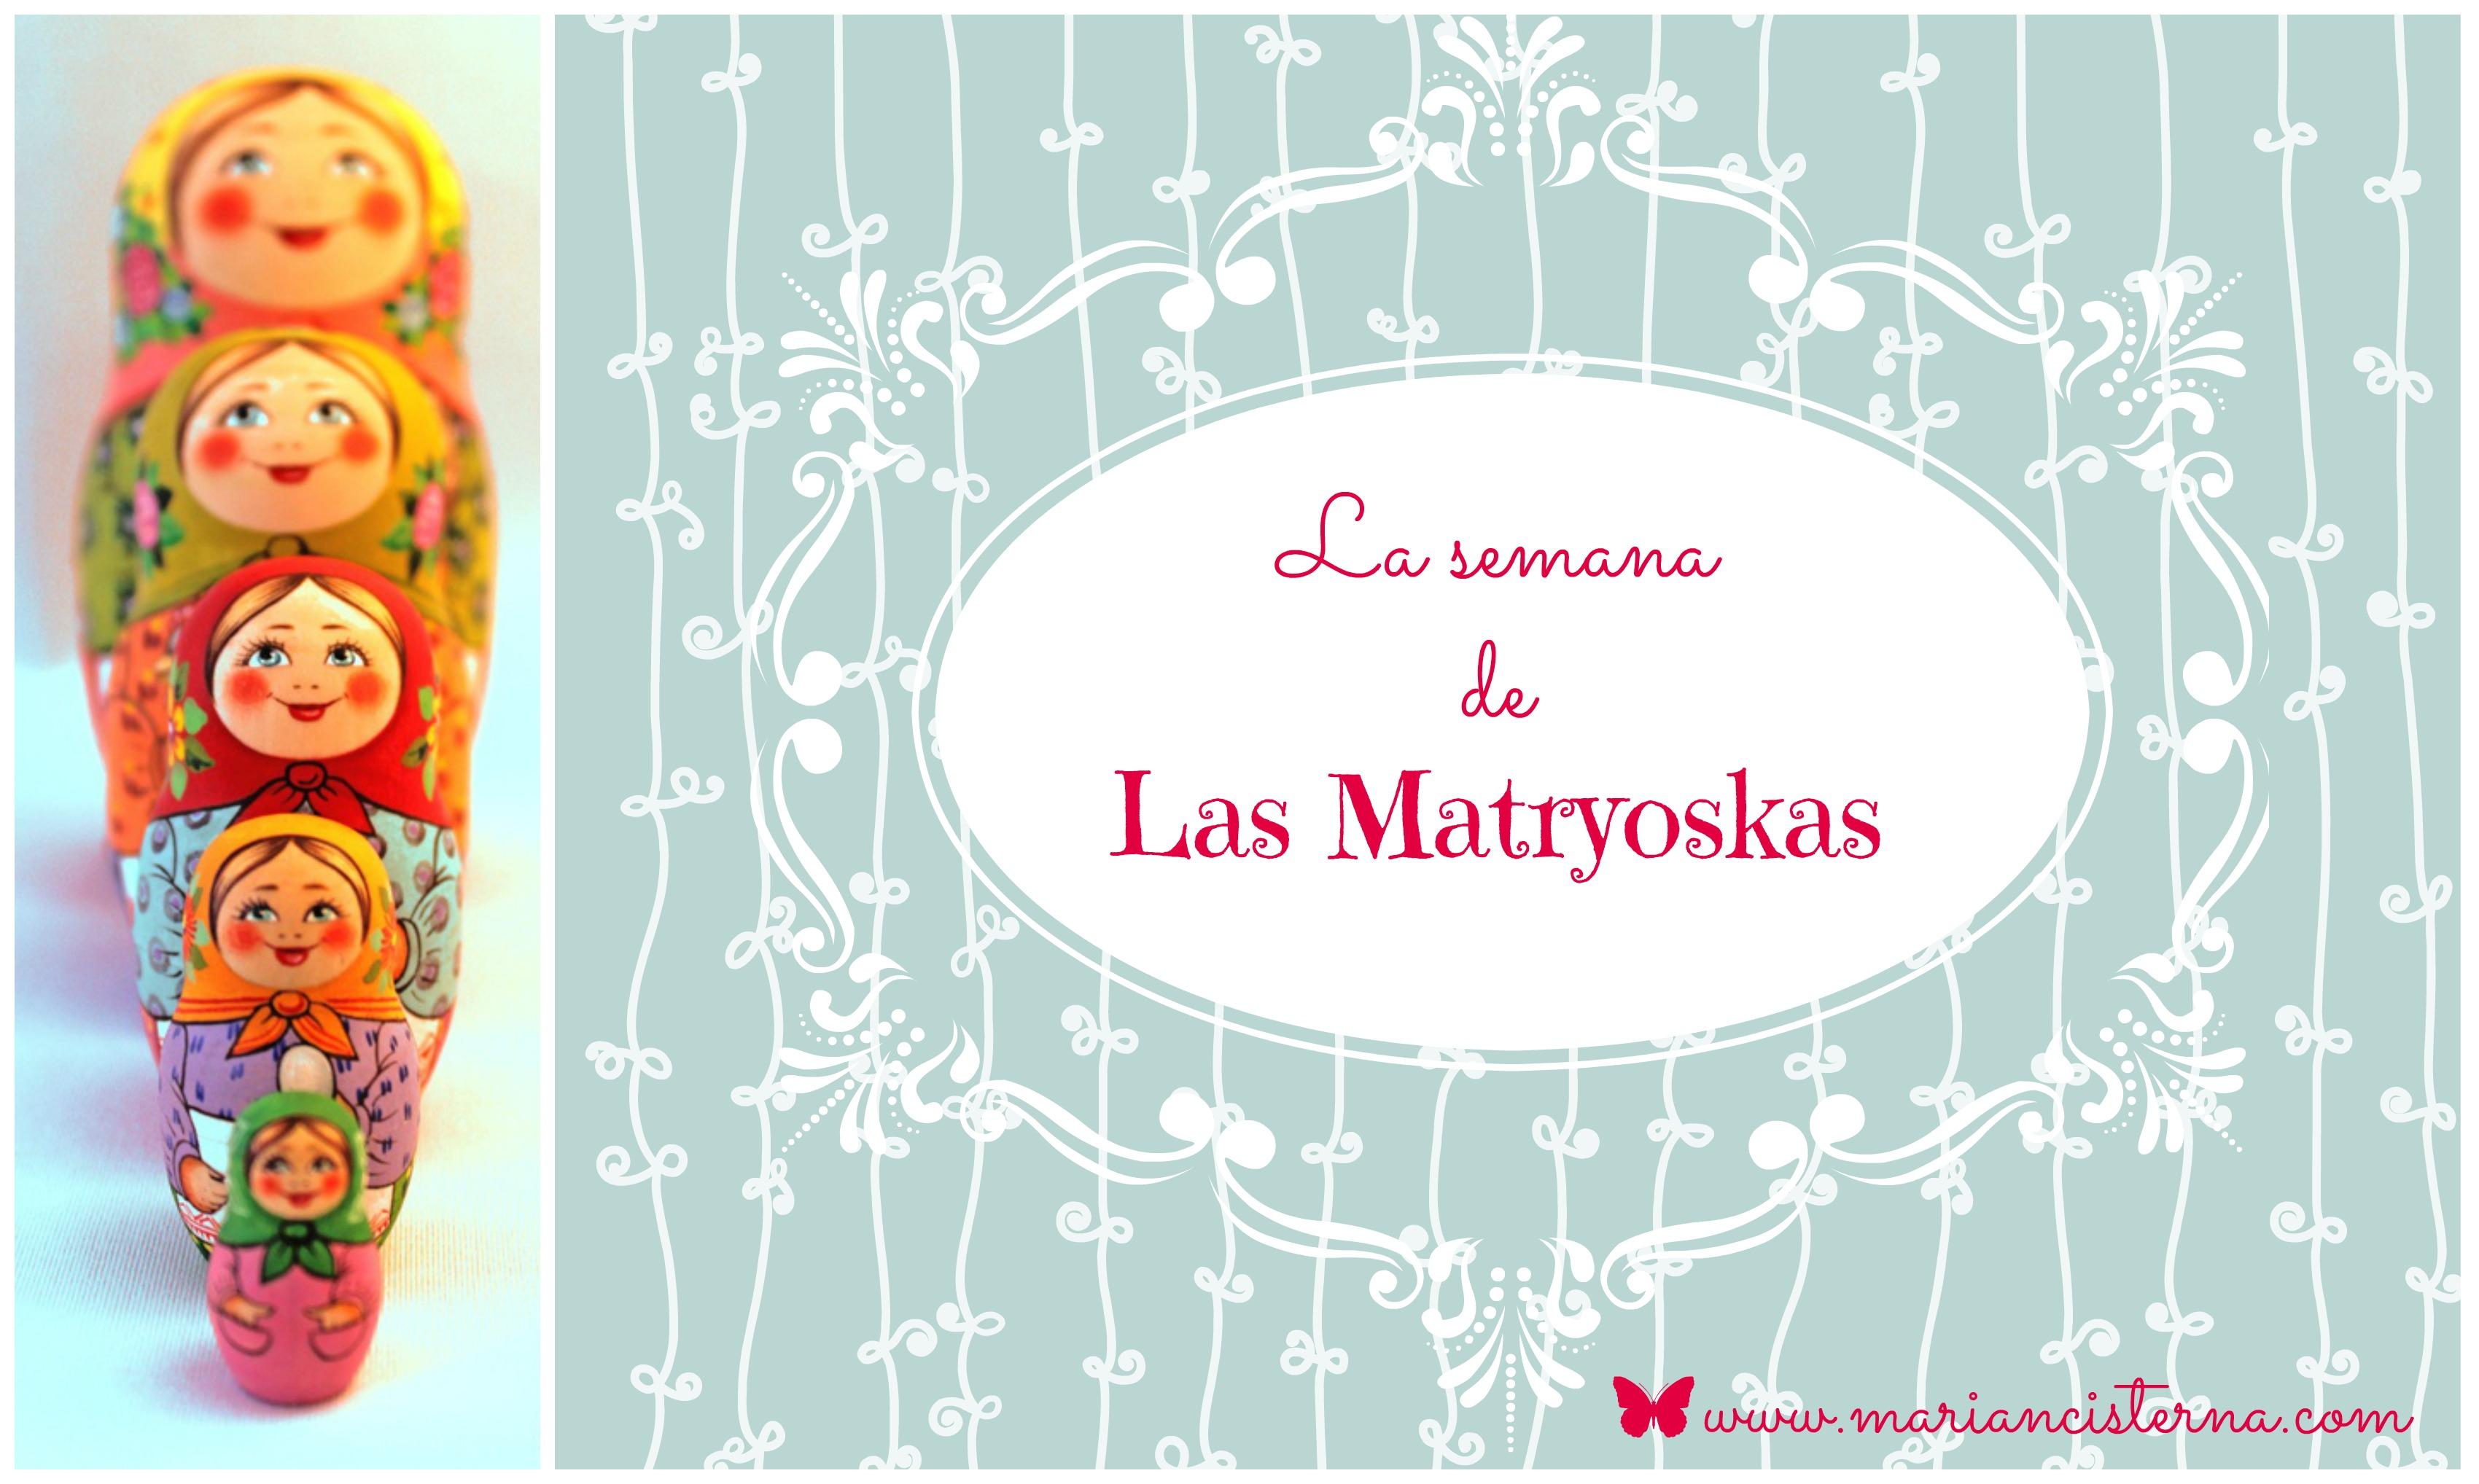 CARTEL SEMANA DE LAS MATRYOSKAS